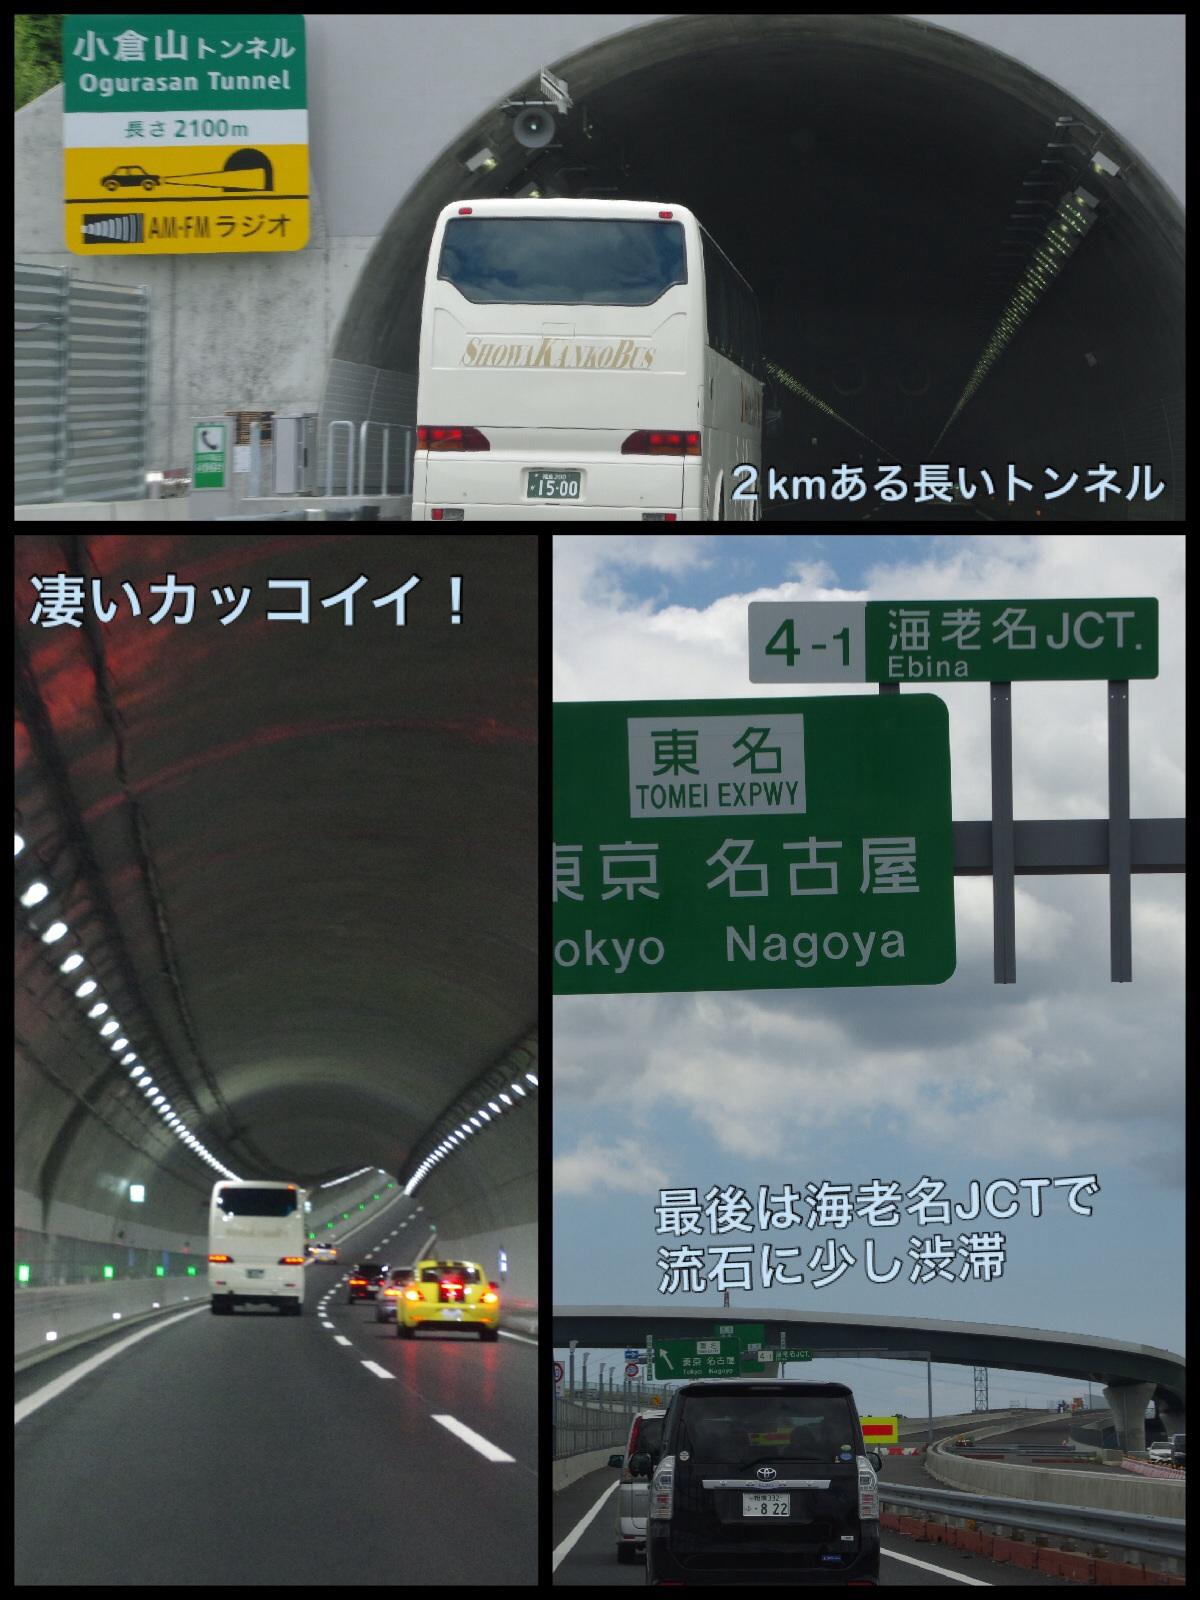 圏央道開通